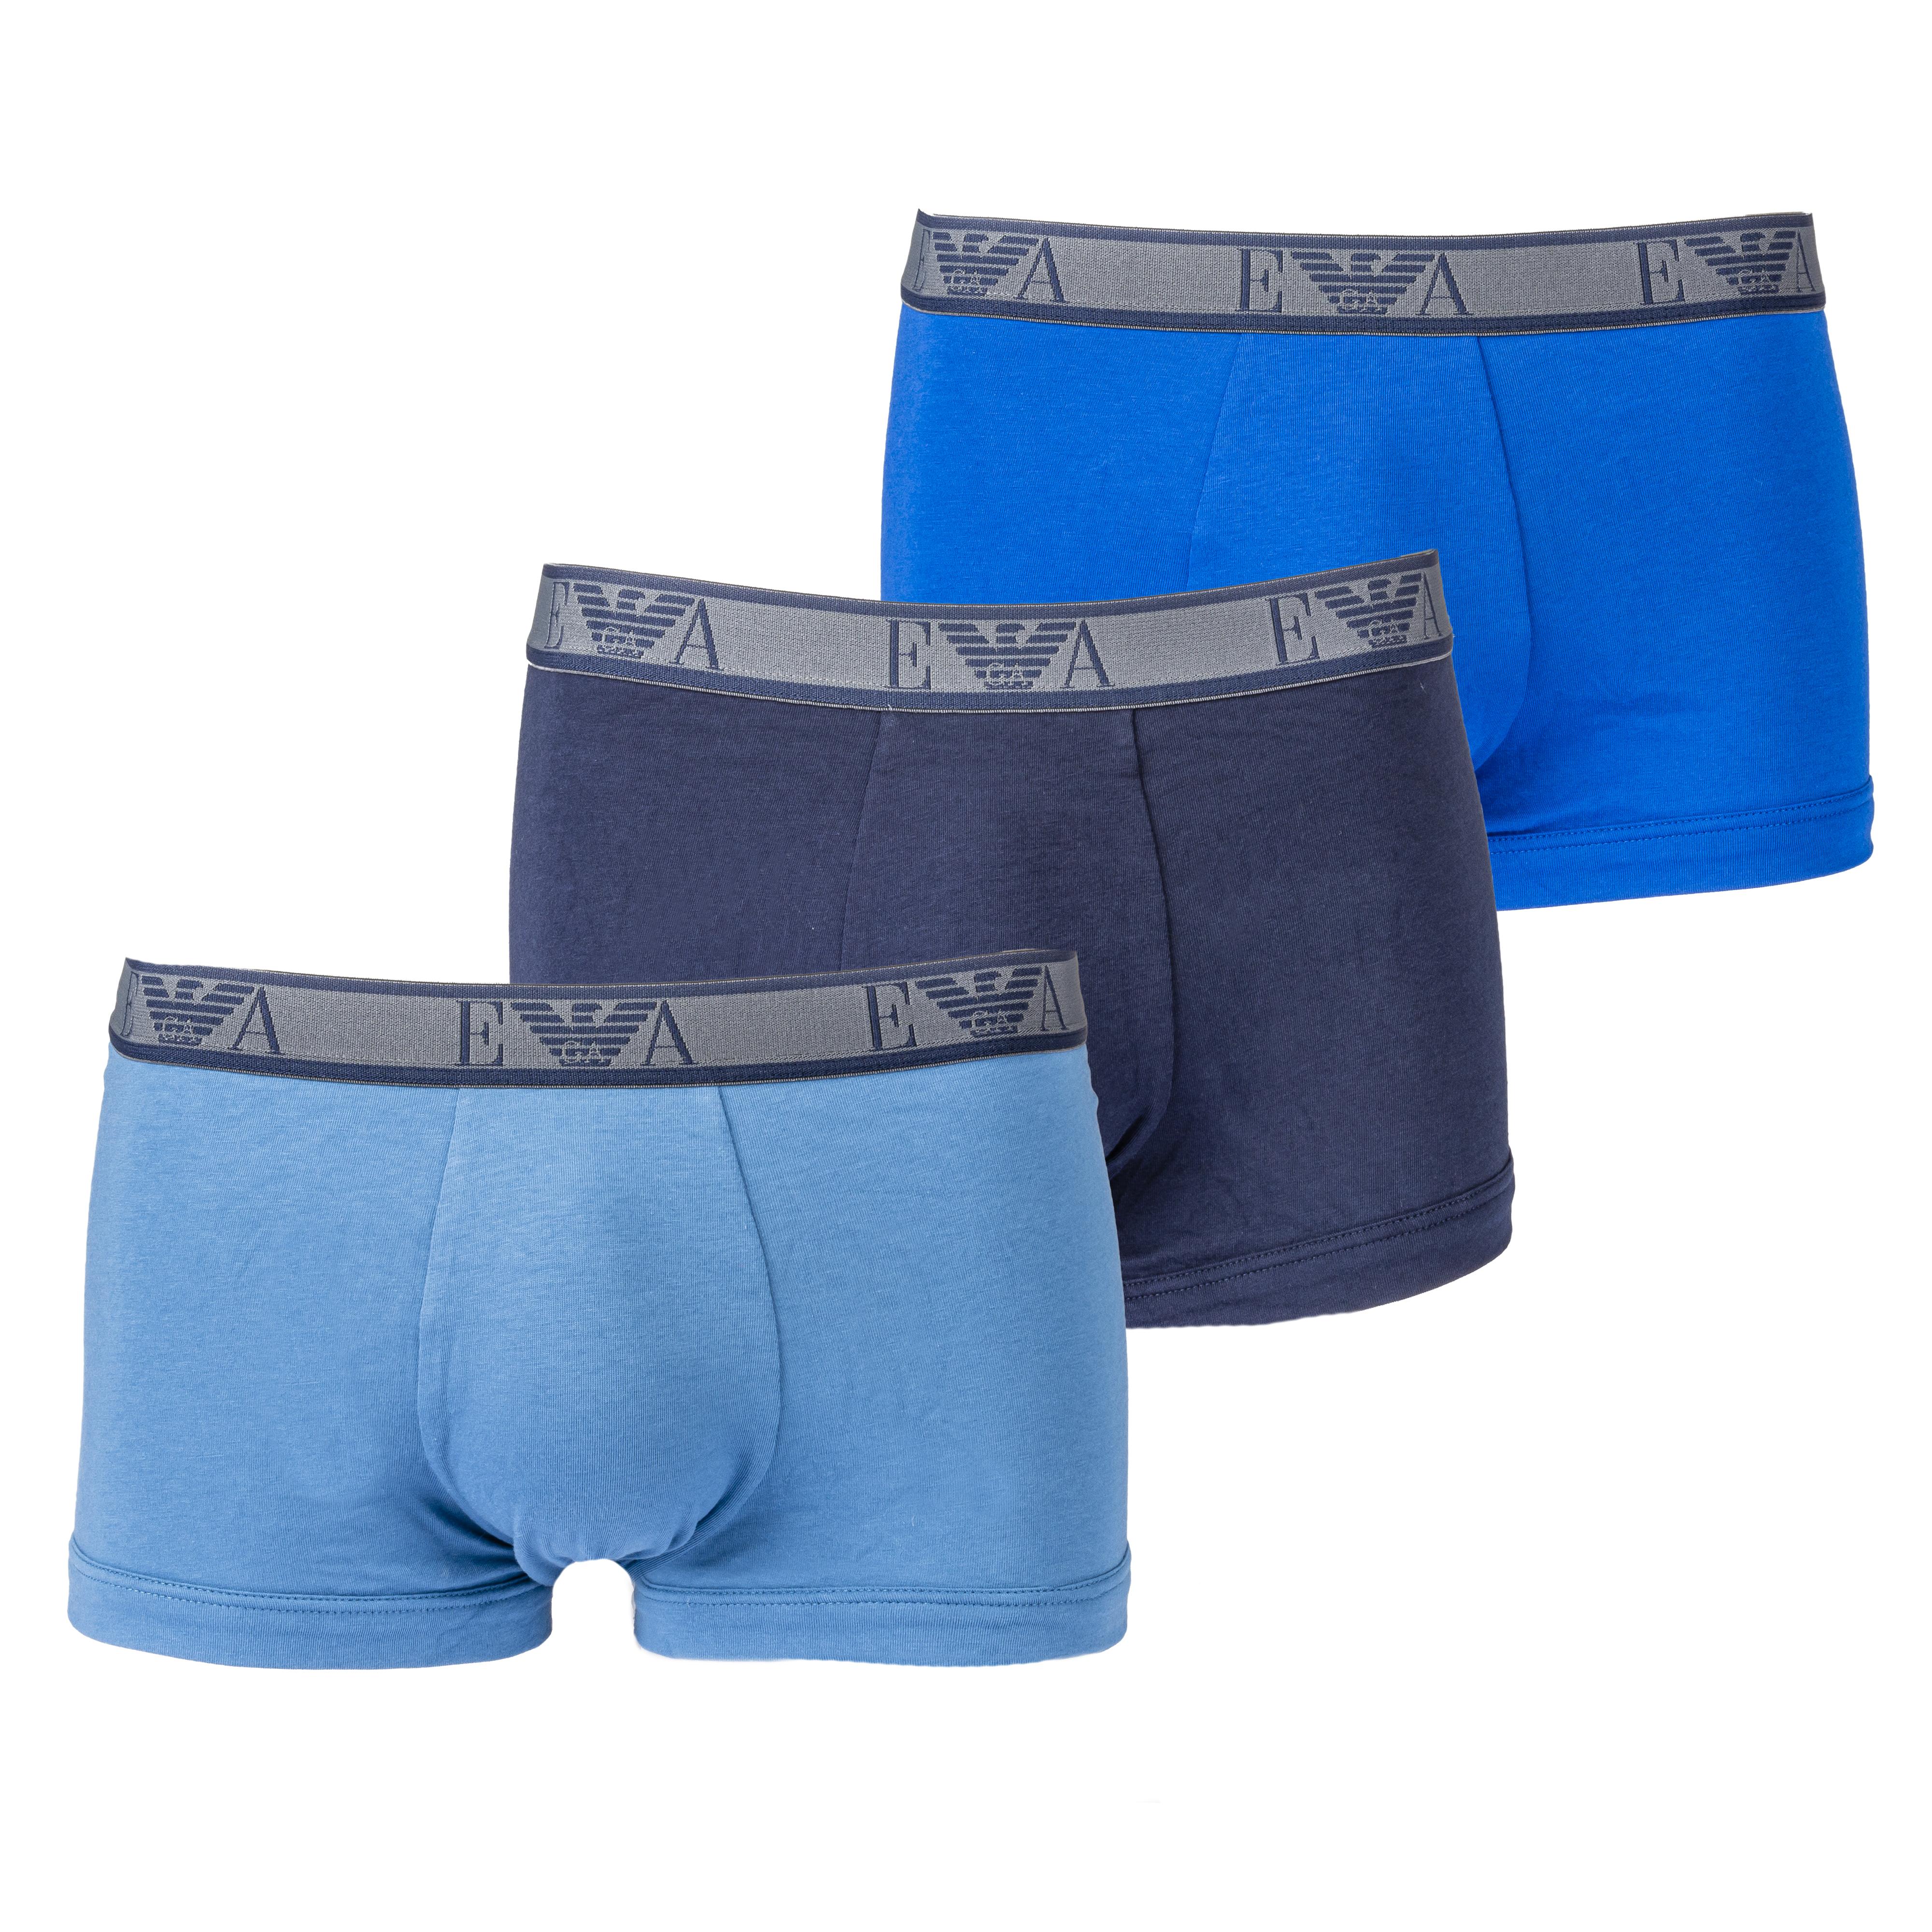 Lot de 3 boxers  en coton stretch bleu nuit, bleu pétrole et bleu marine